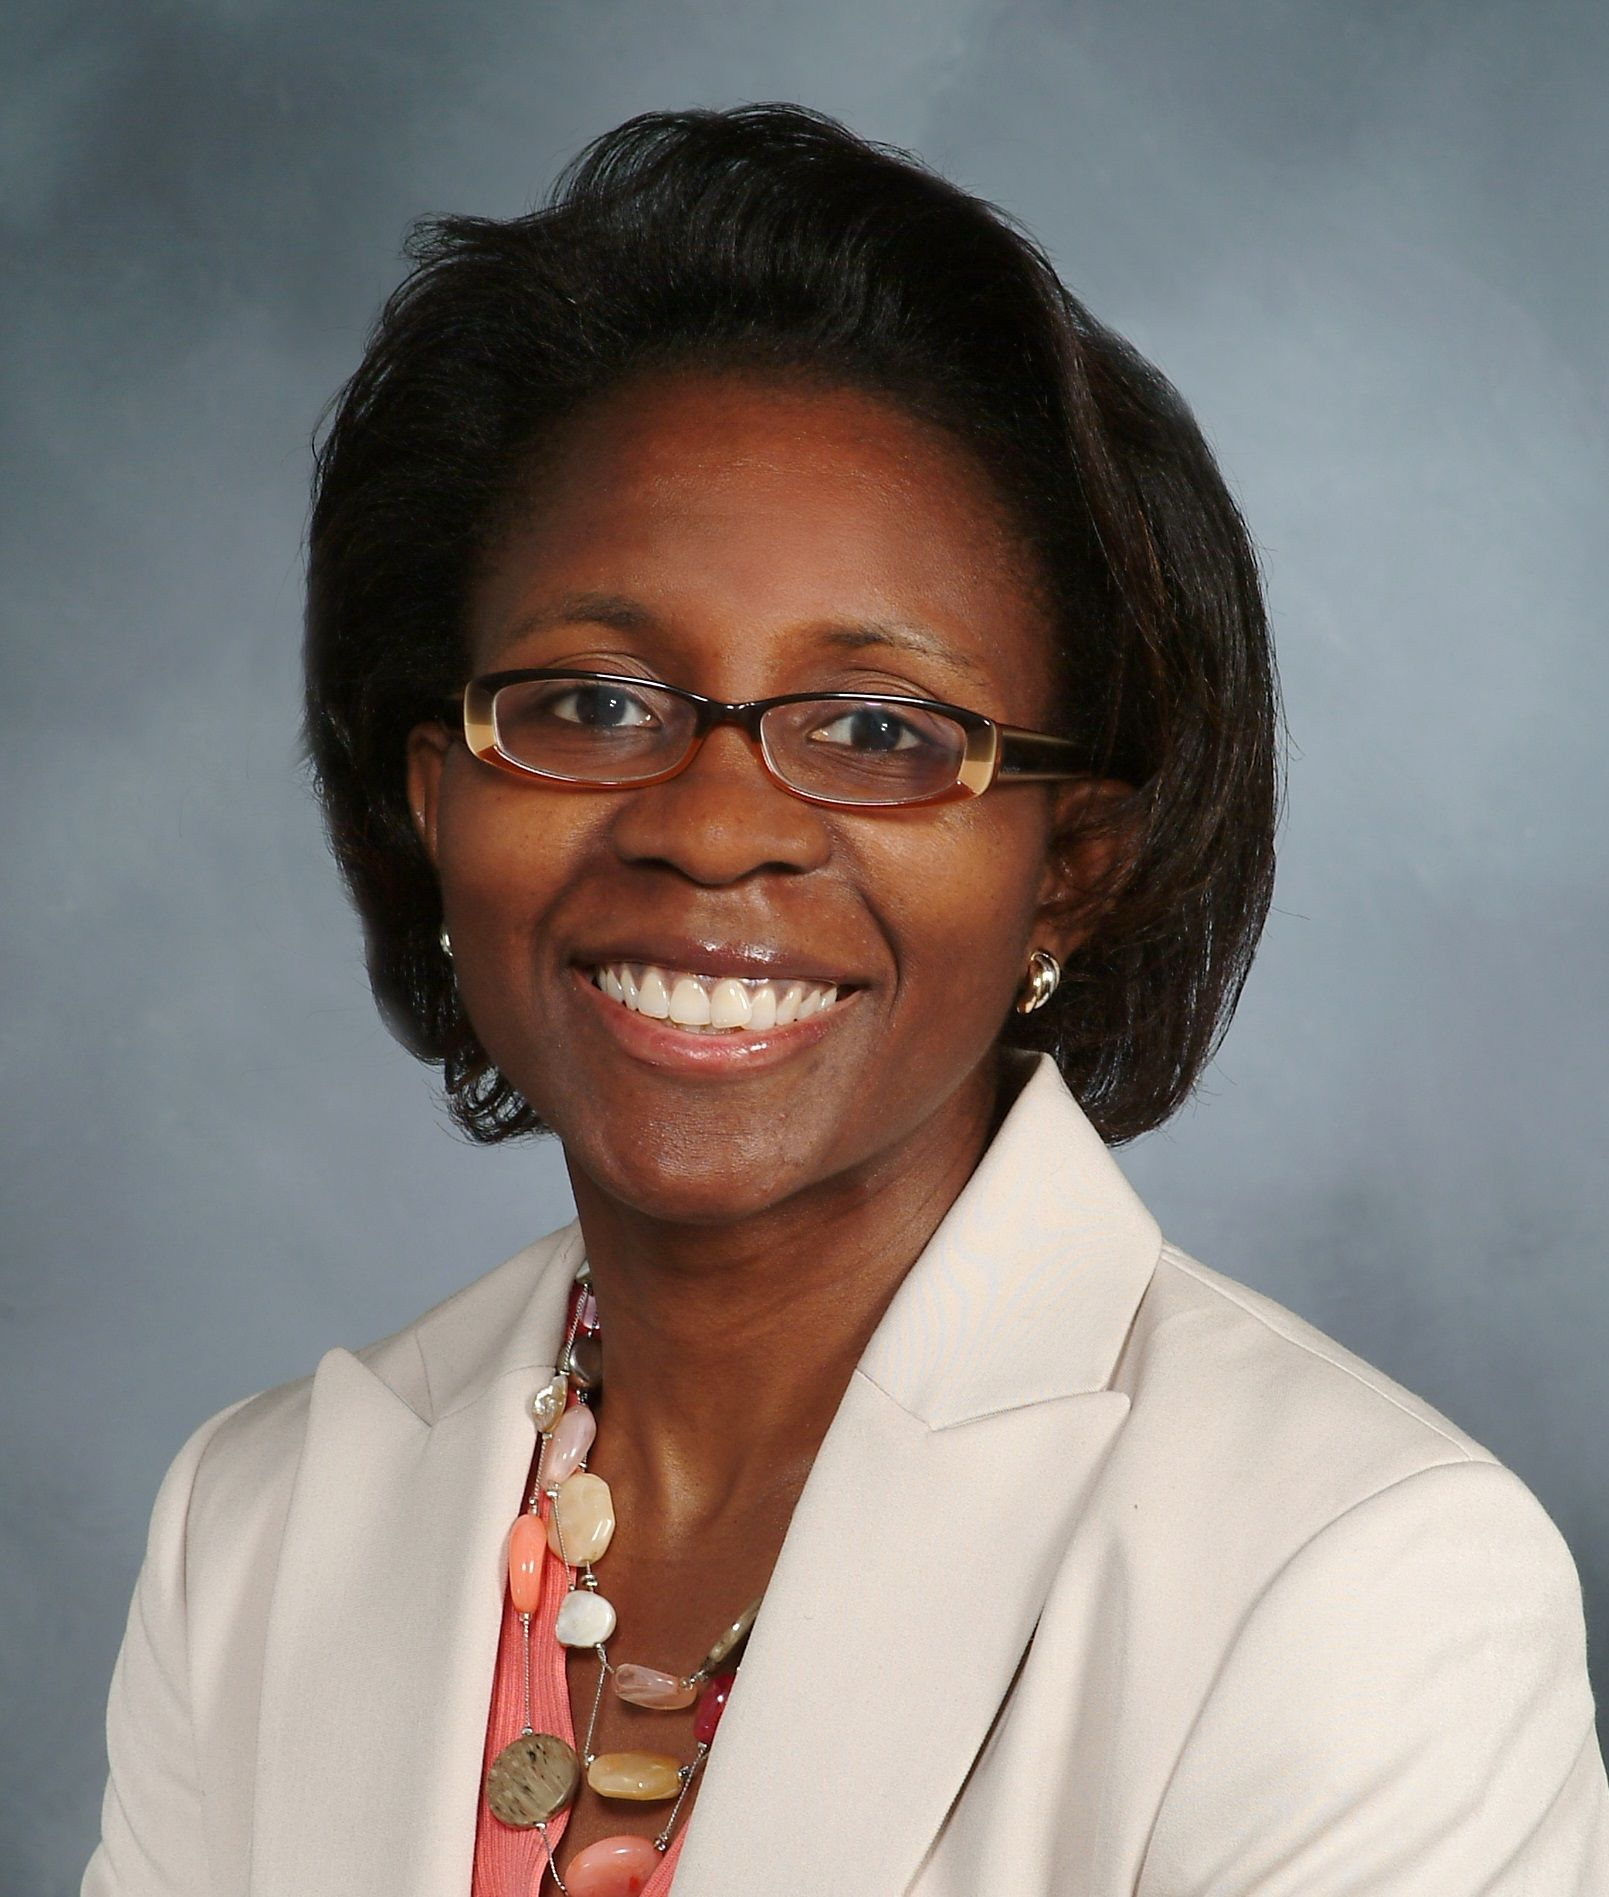 Dr. Joy Howell